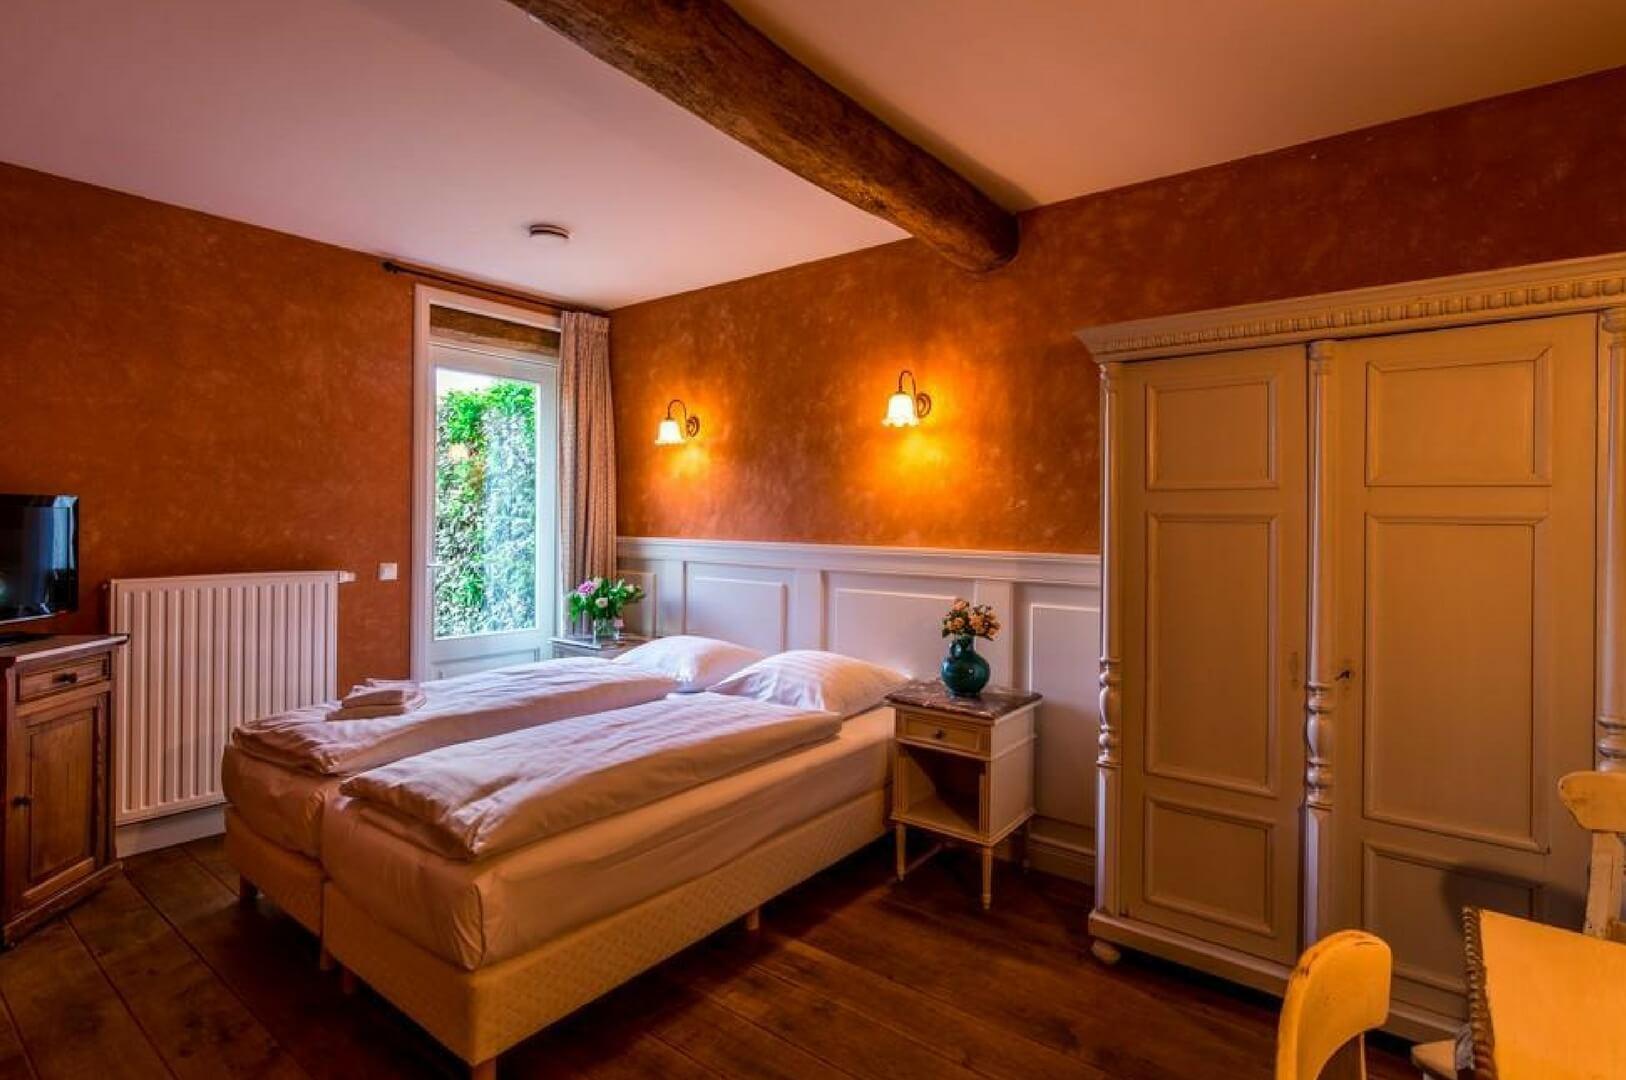 Groepsaccommodatie 1 Slaapkamers : Vakantiehuis roebelsbos i een eeuwse hoeve voor personen